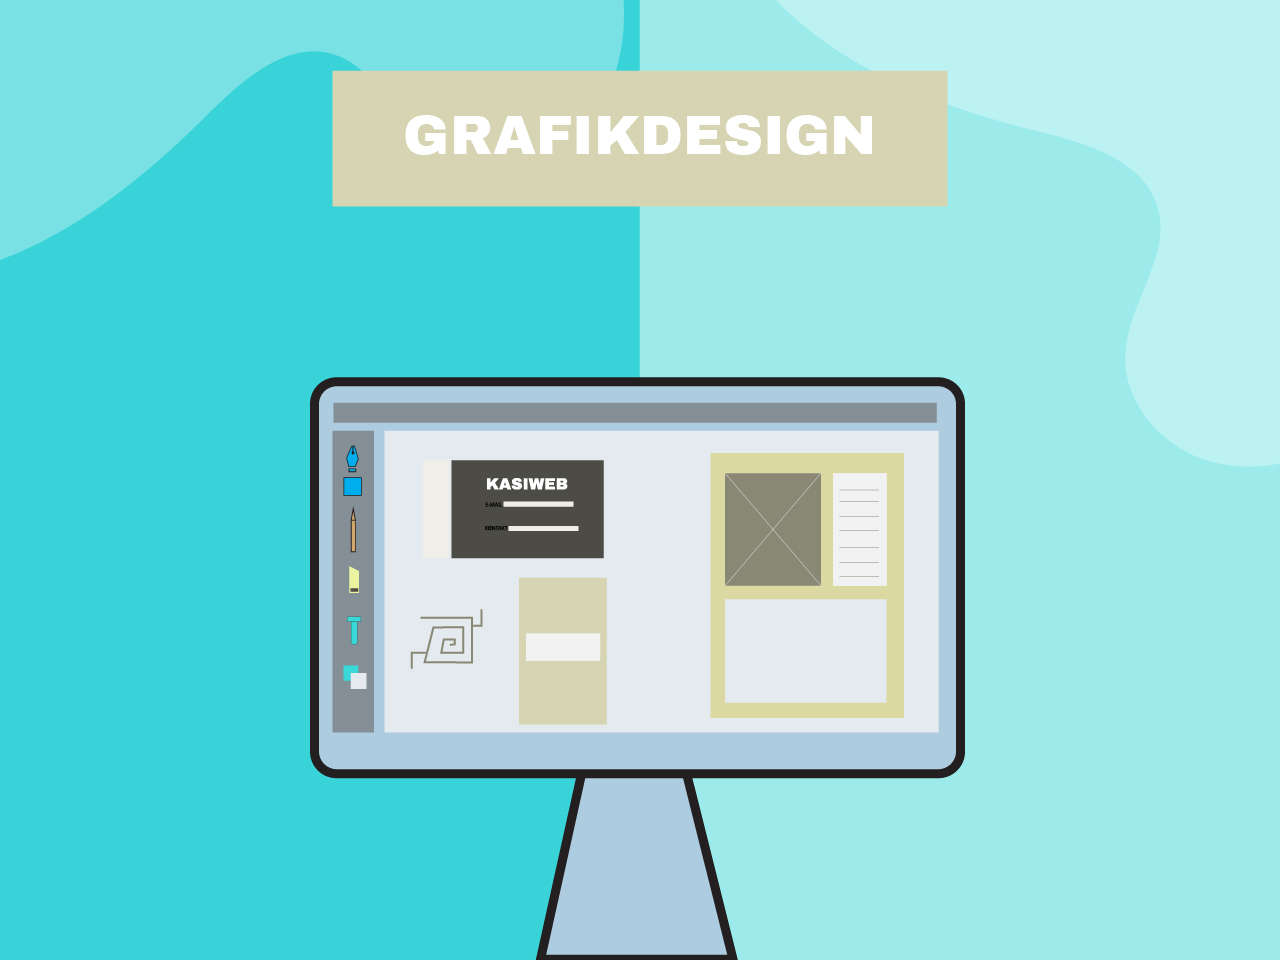 kasiweb-Grafikdesign